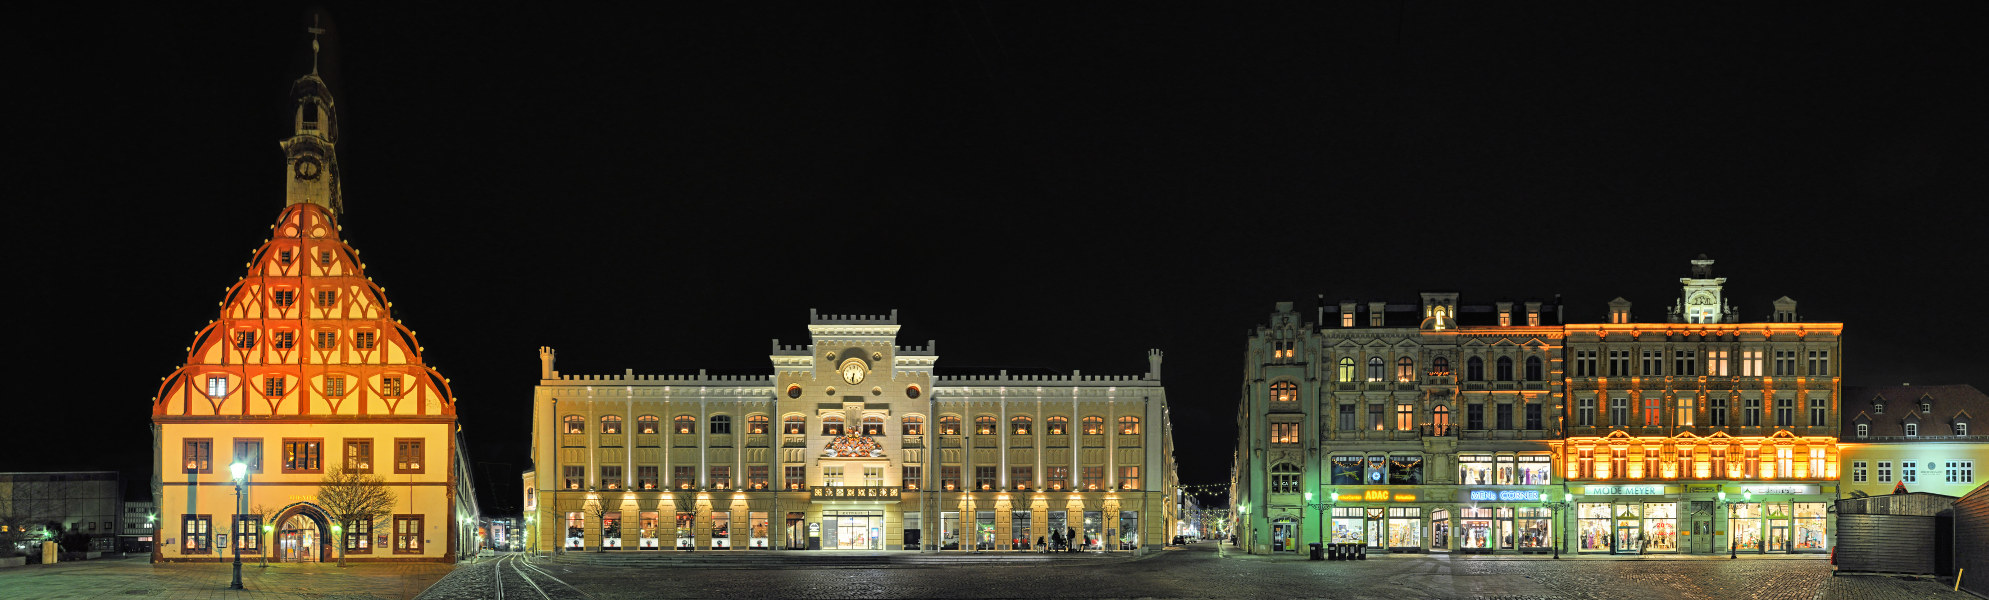 Gewandhaus | Rathaus | Hauptmarkt • Zwickau • Deutschland